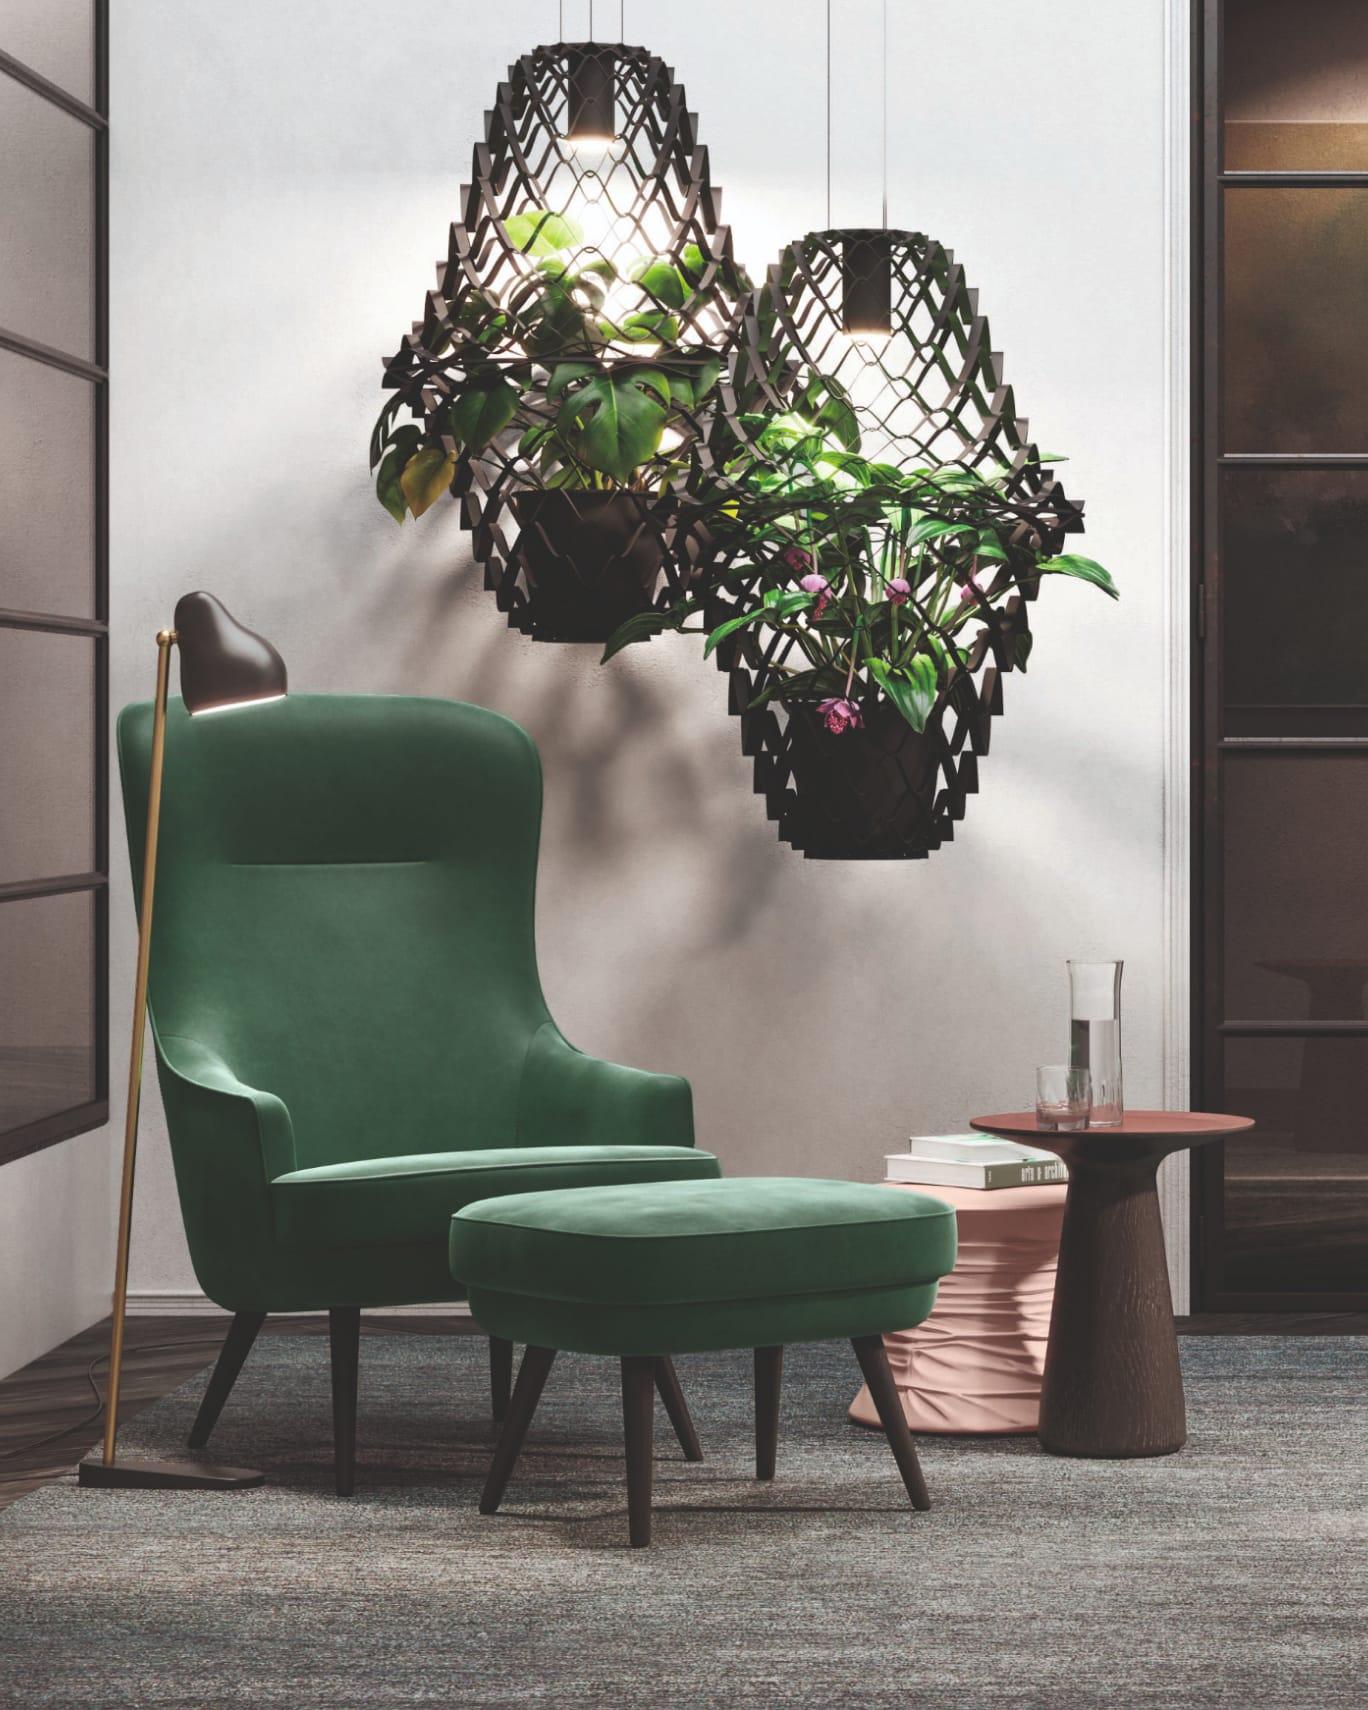 375 Relaxchair. Design: WalterK. Team.